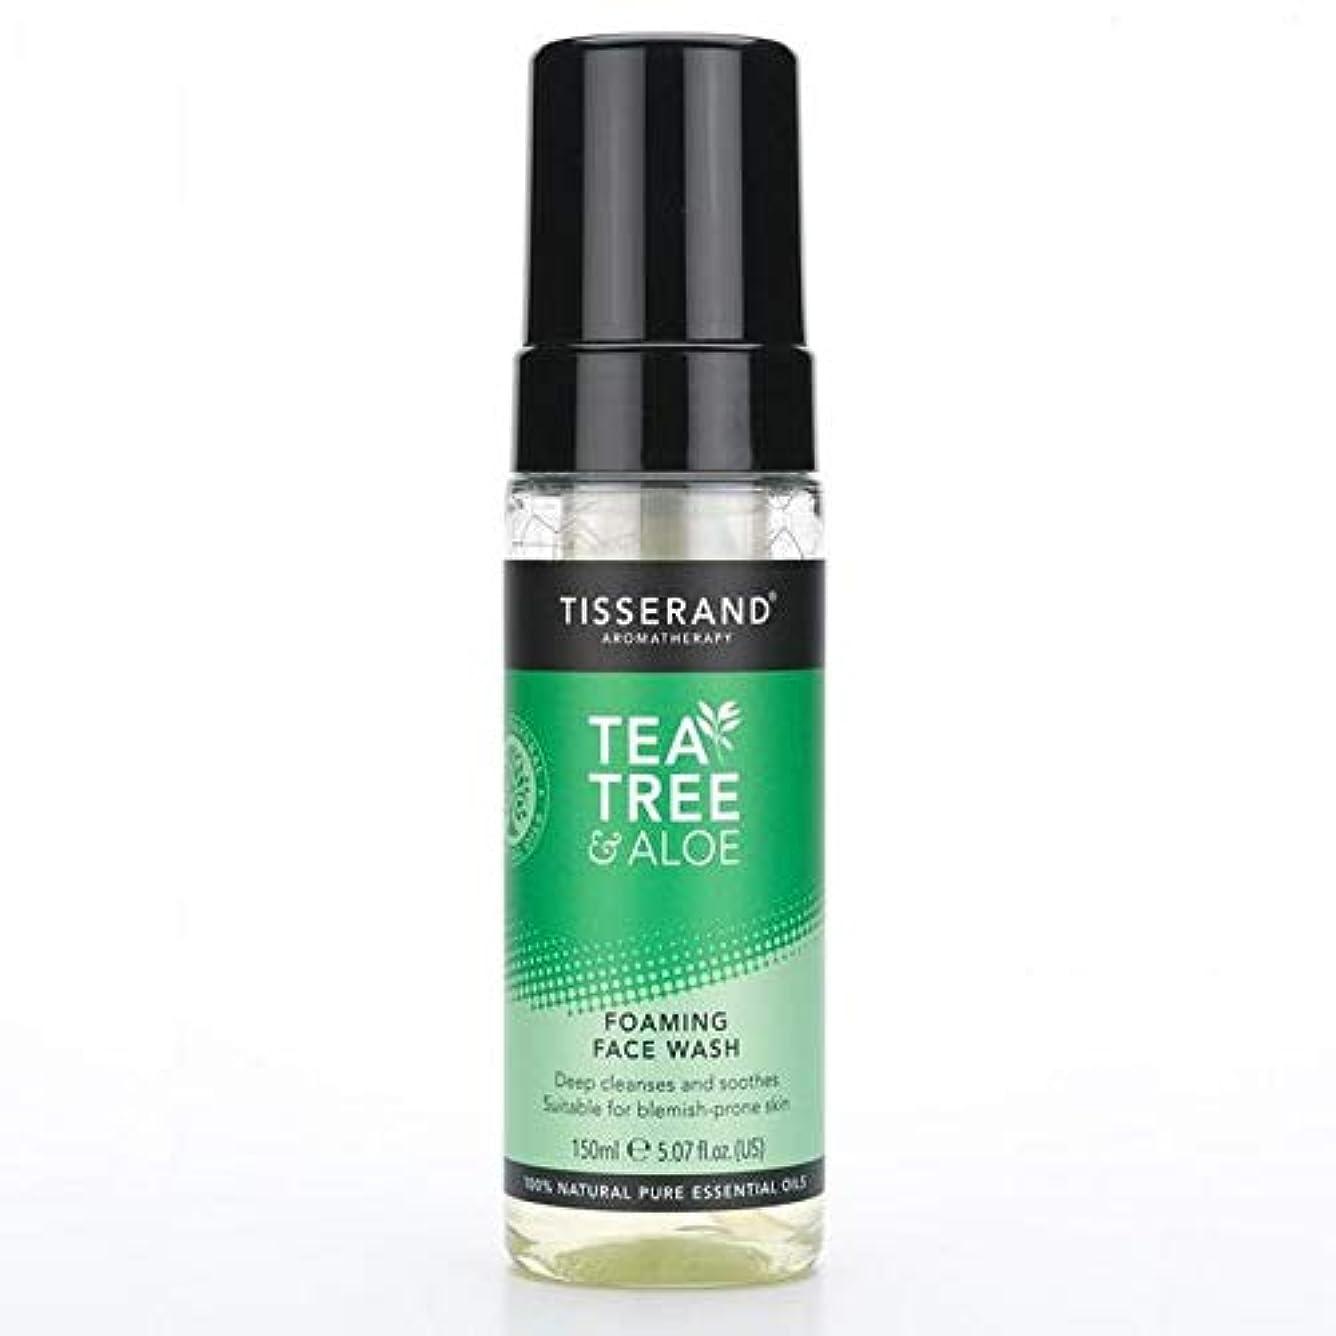 友だち謎天皇[Tisserand] 洗顔料の150ミリリットルを発泡ティスランドティーツリー&アロエ - Tisserand Tea Tree & Aloe Foaming Face Wash 150ml [並行輸入品]